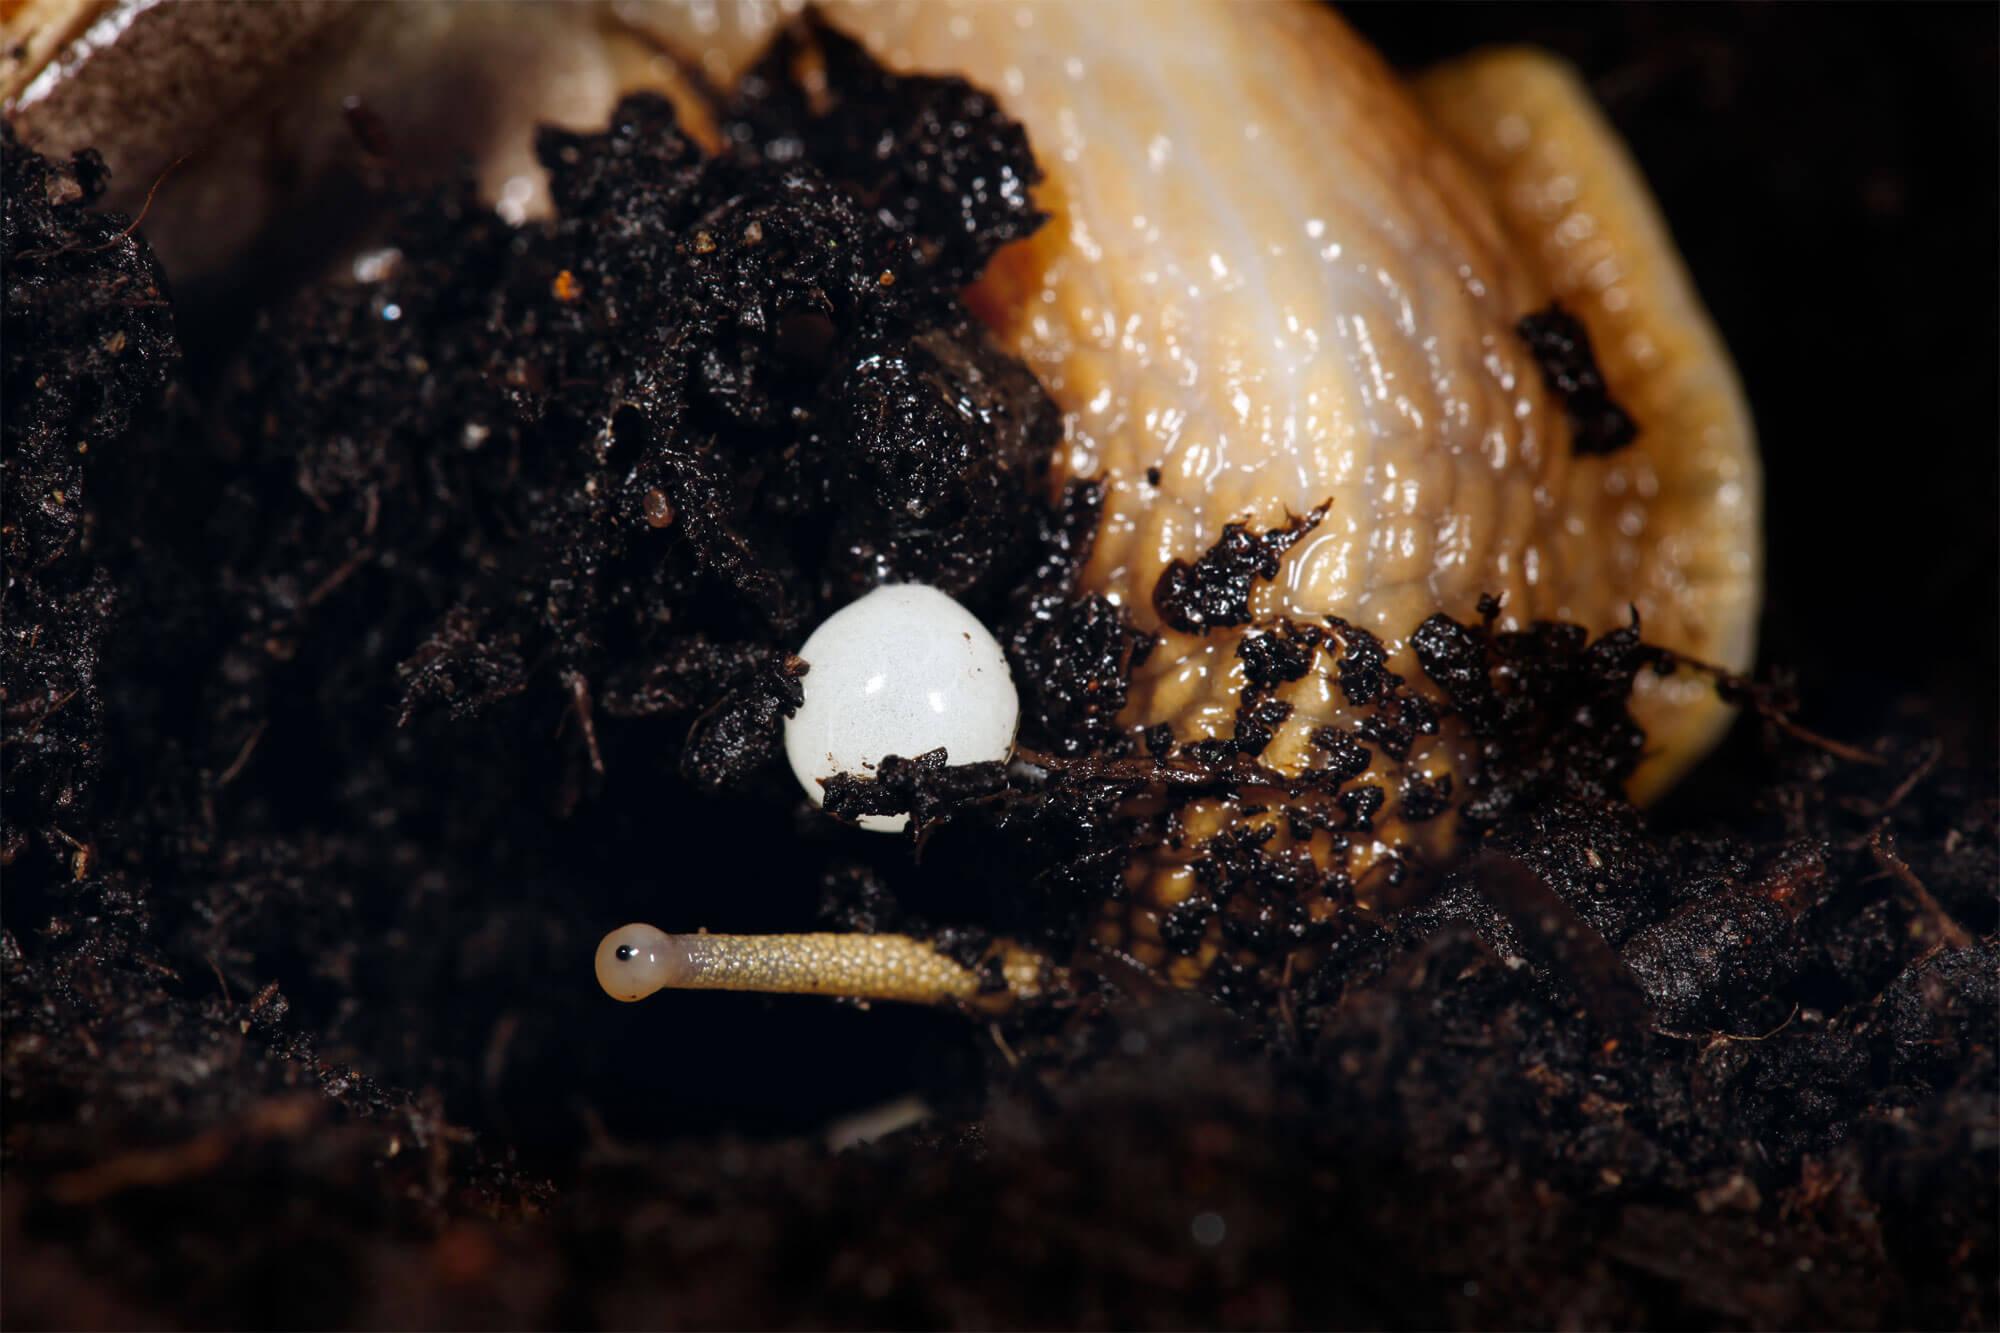 Les folles journées de l'escargot